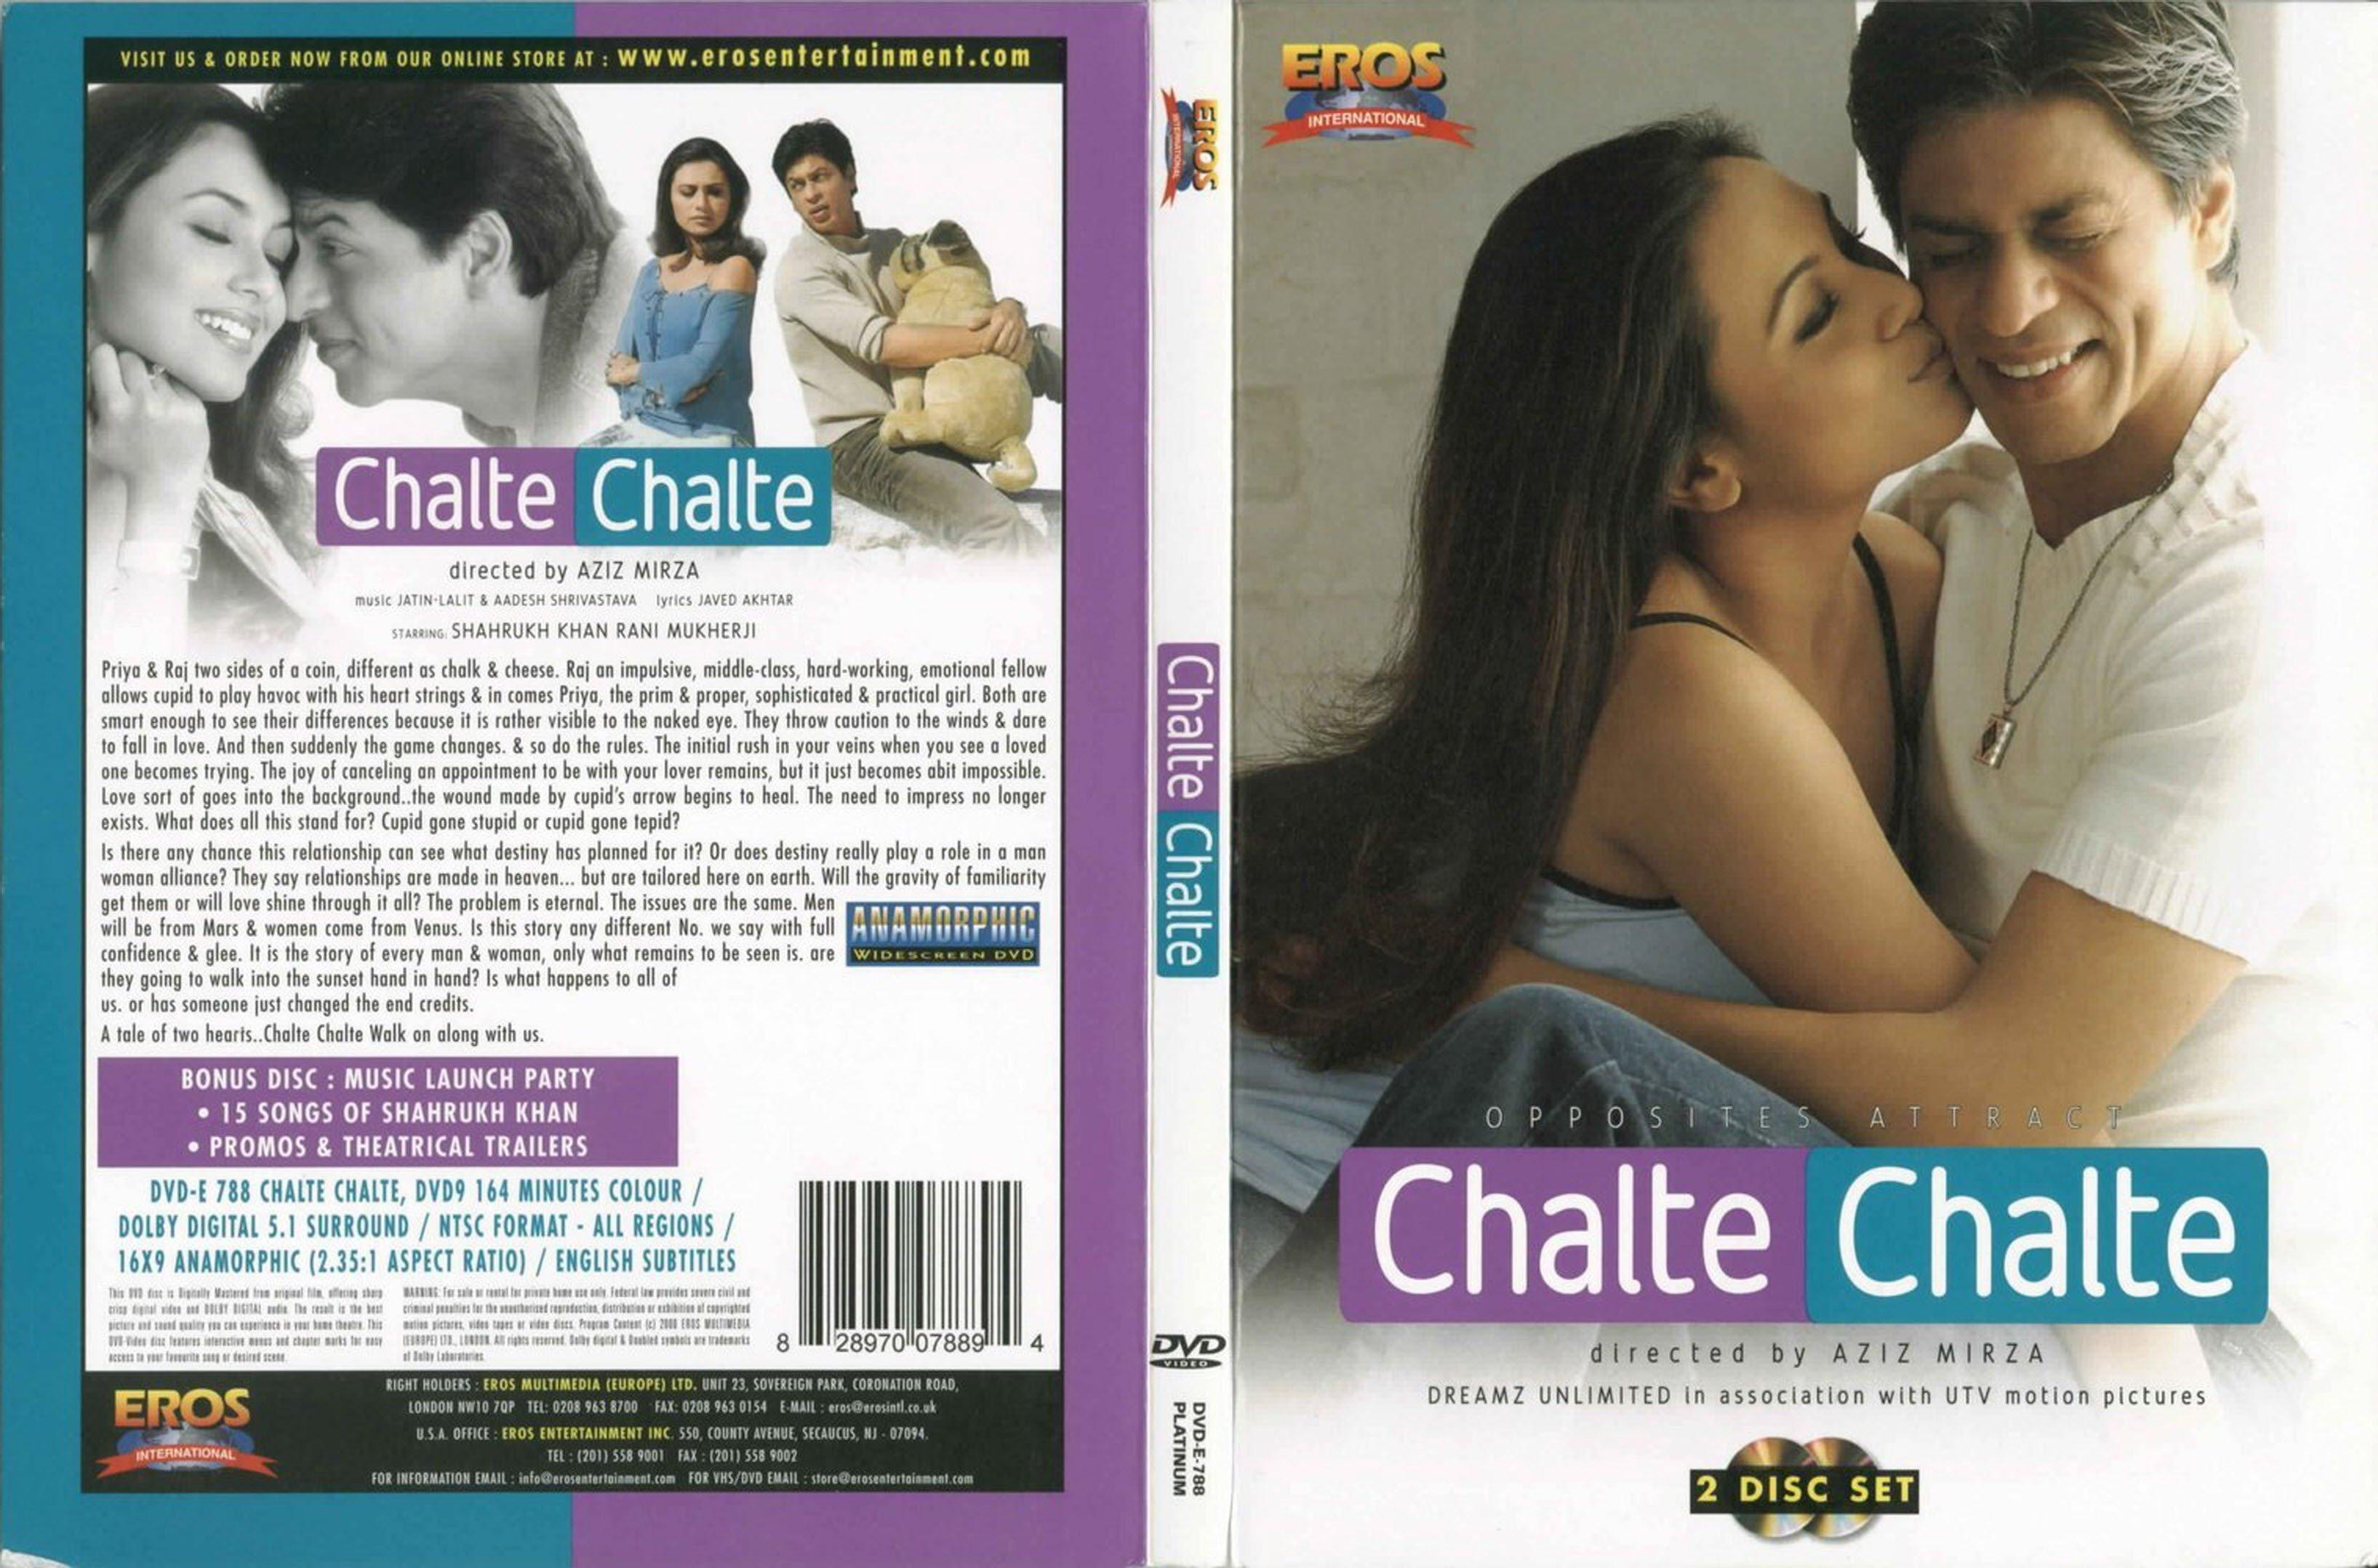 Schicksal movie4k chalte chalte uns führt stream wohin das Shahrukh Khan